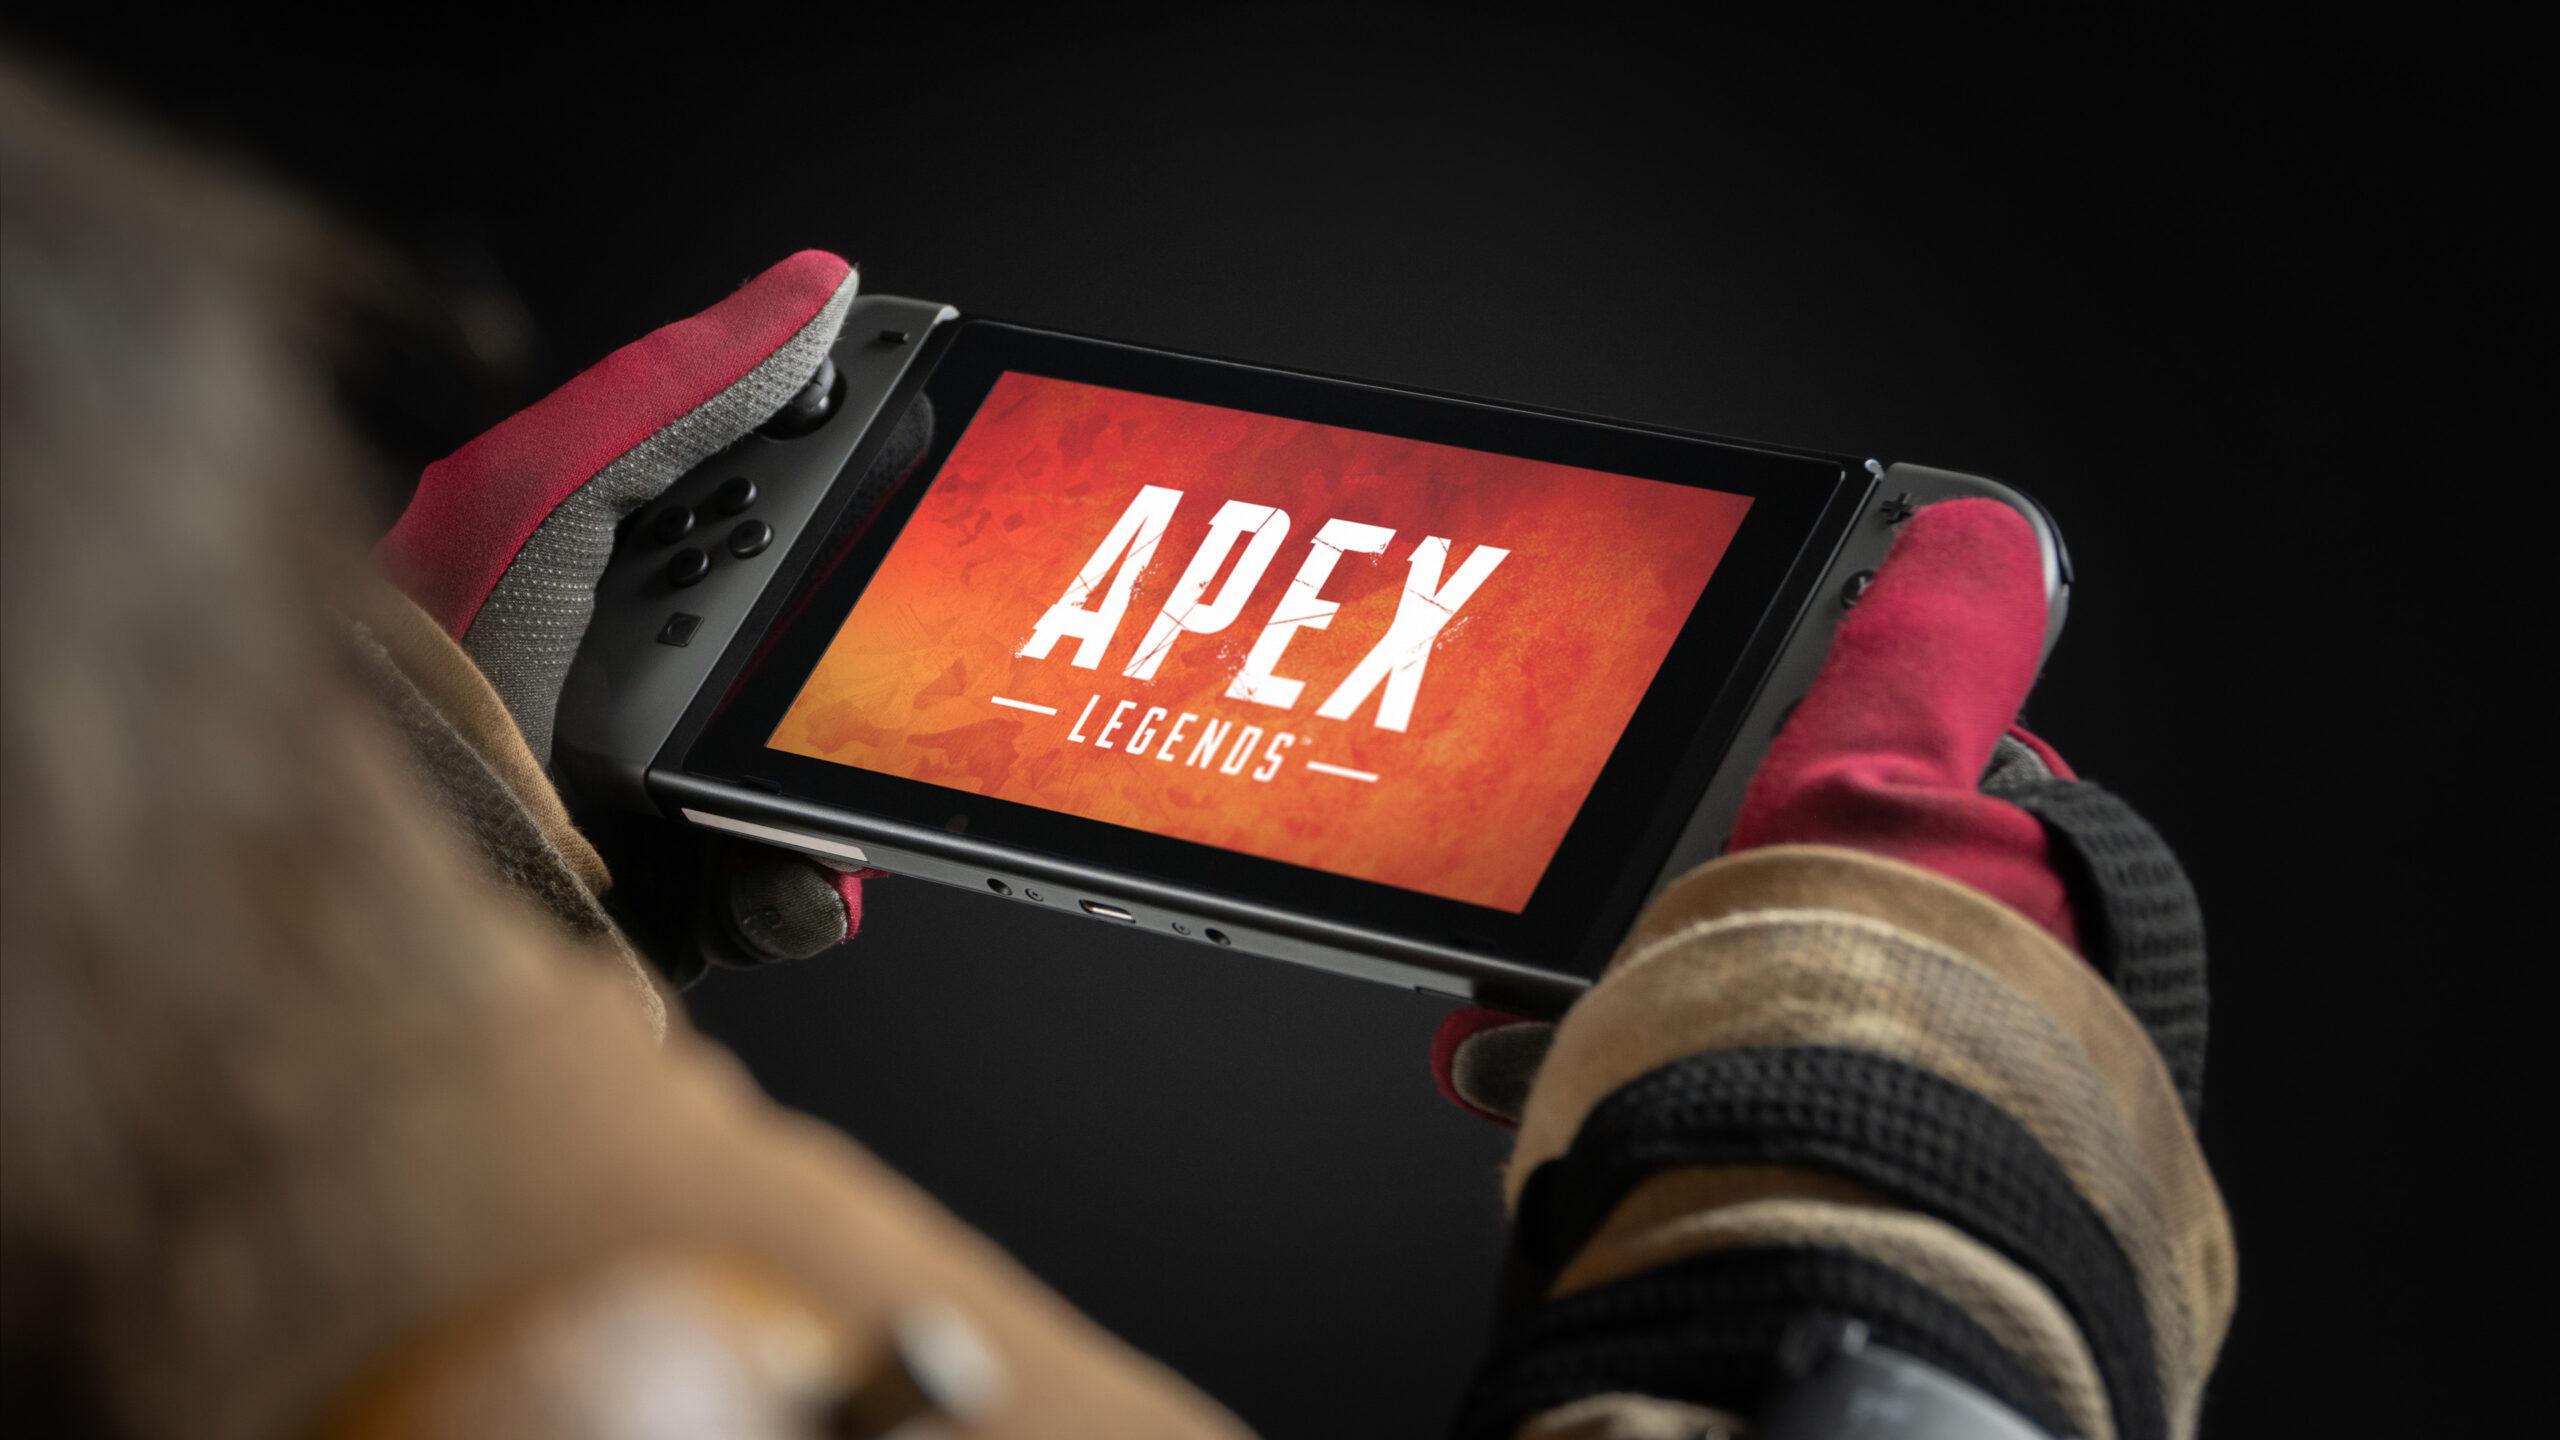 【Apex】switch版エーペックスはクロスプレイを切った方が楽しい理由